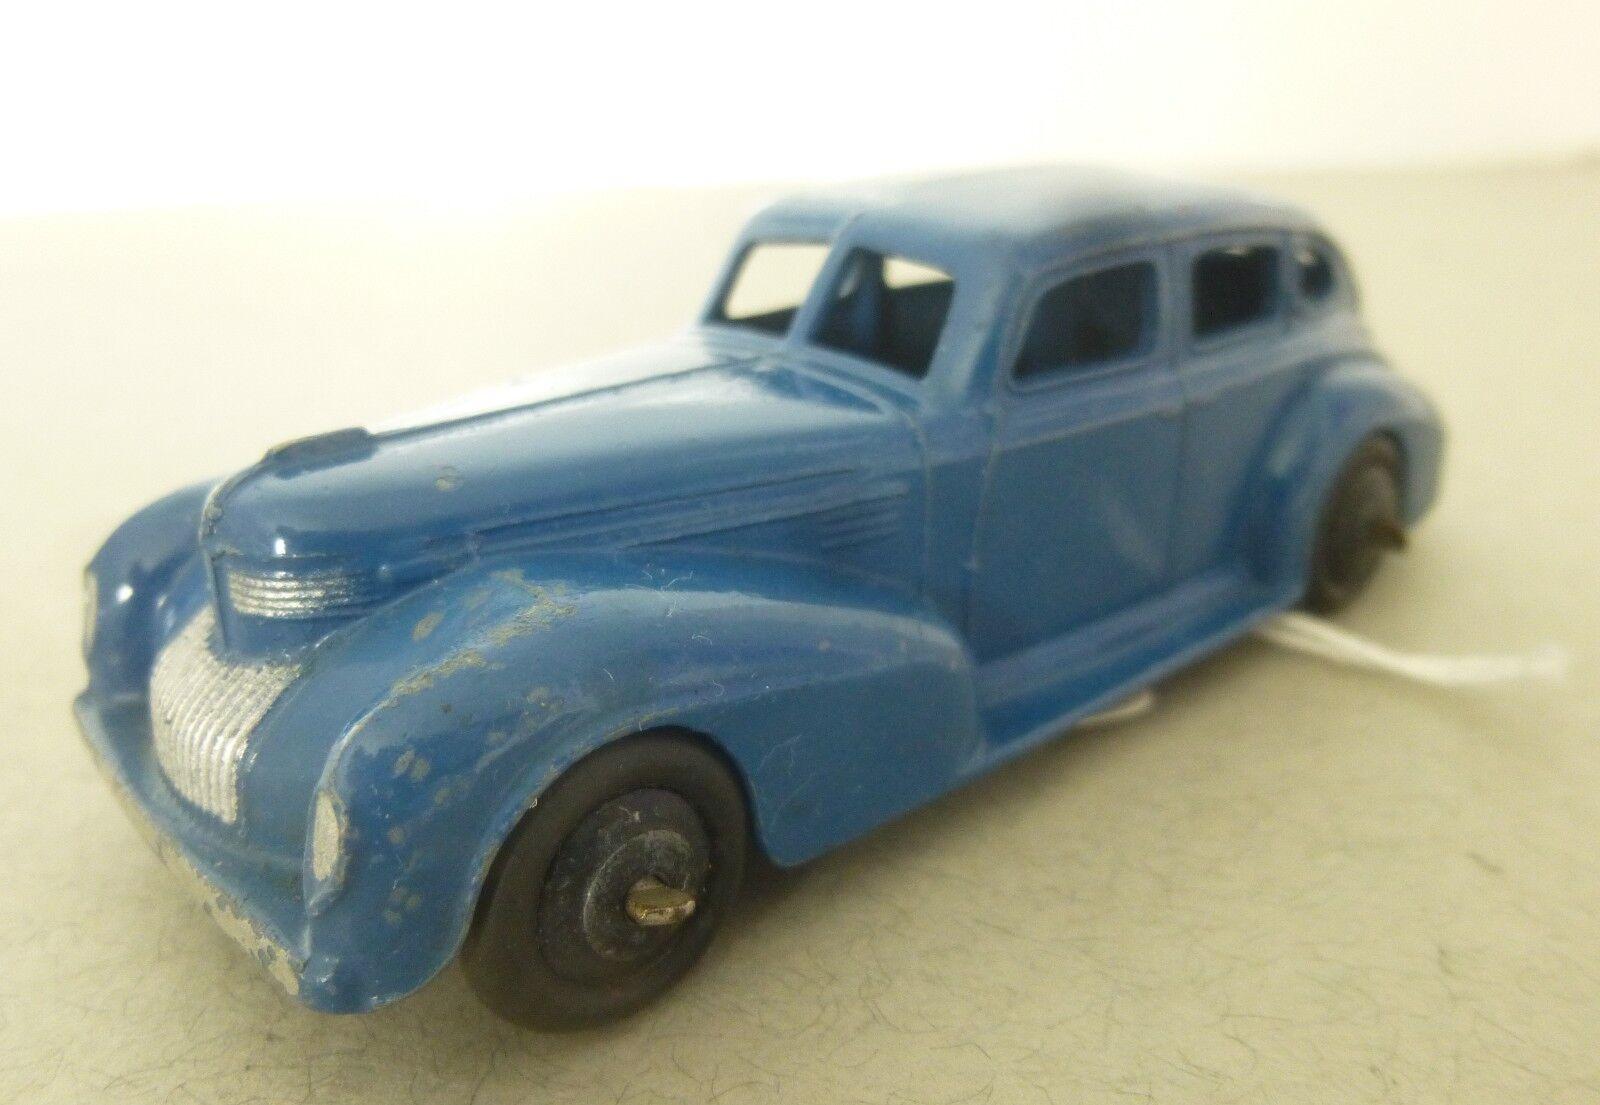 Early Dinky Toys post guerra 39 serie auto estadounidense Chrysler Royal Sedan